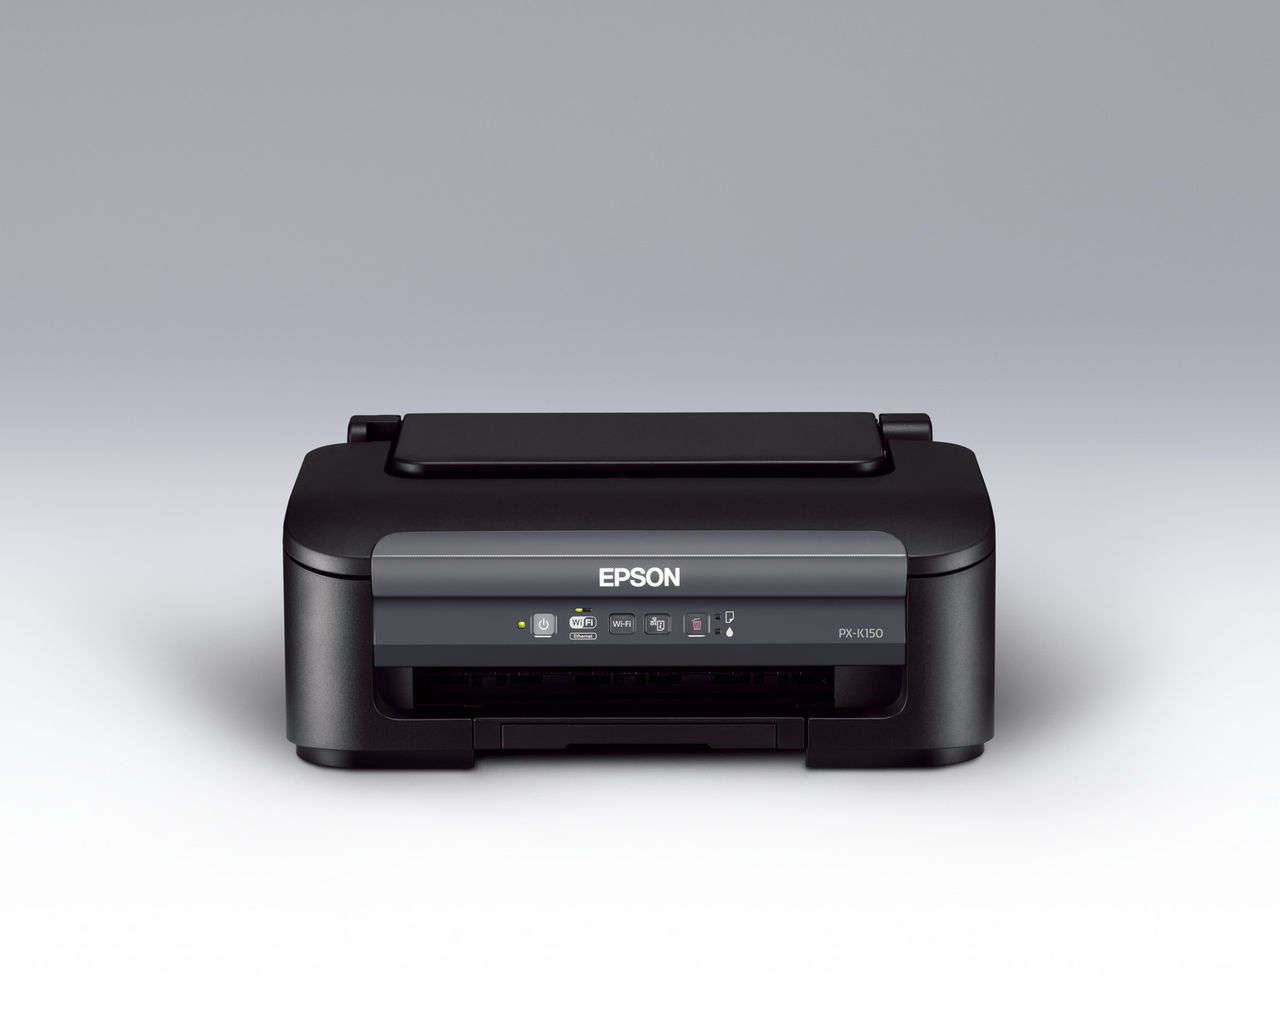 インクジェットで1万枚印刷!? EPSONよりビジネスインクジェット9モデル登場